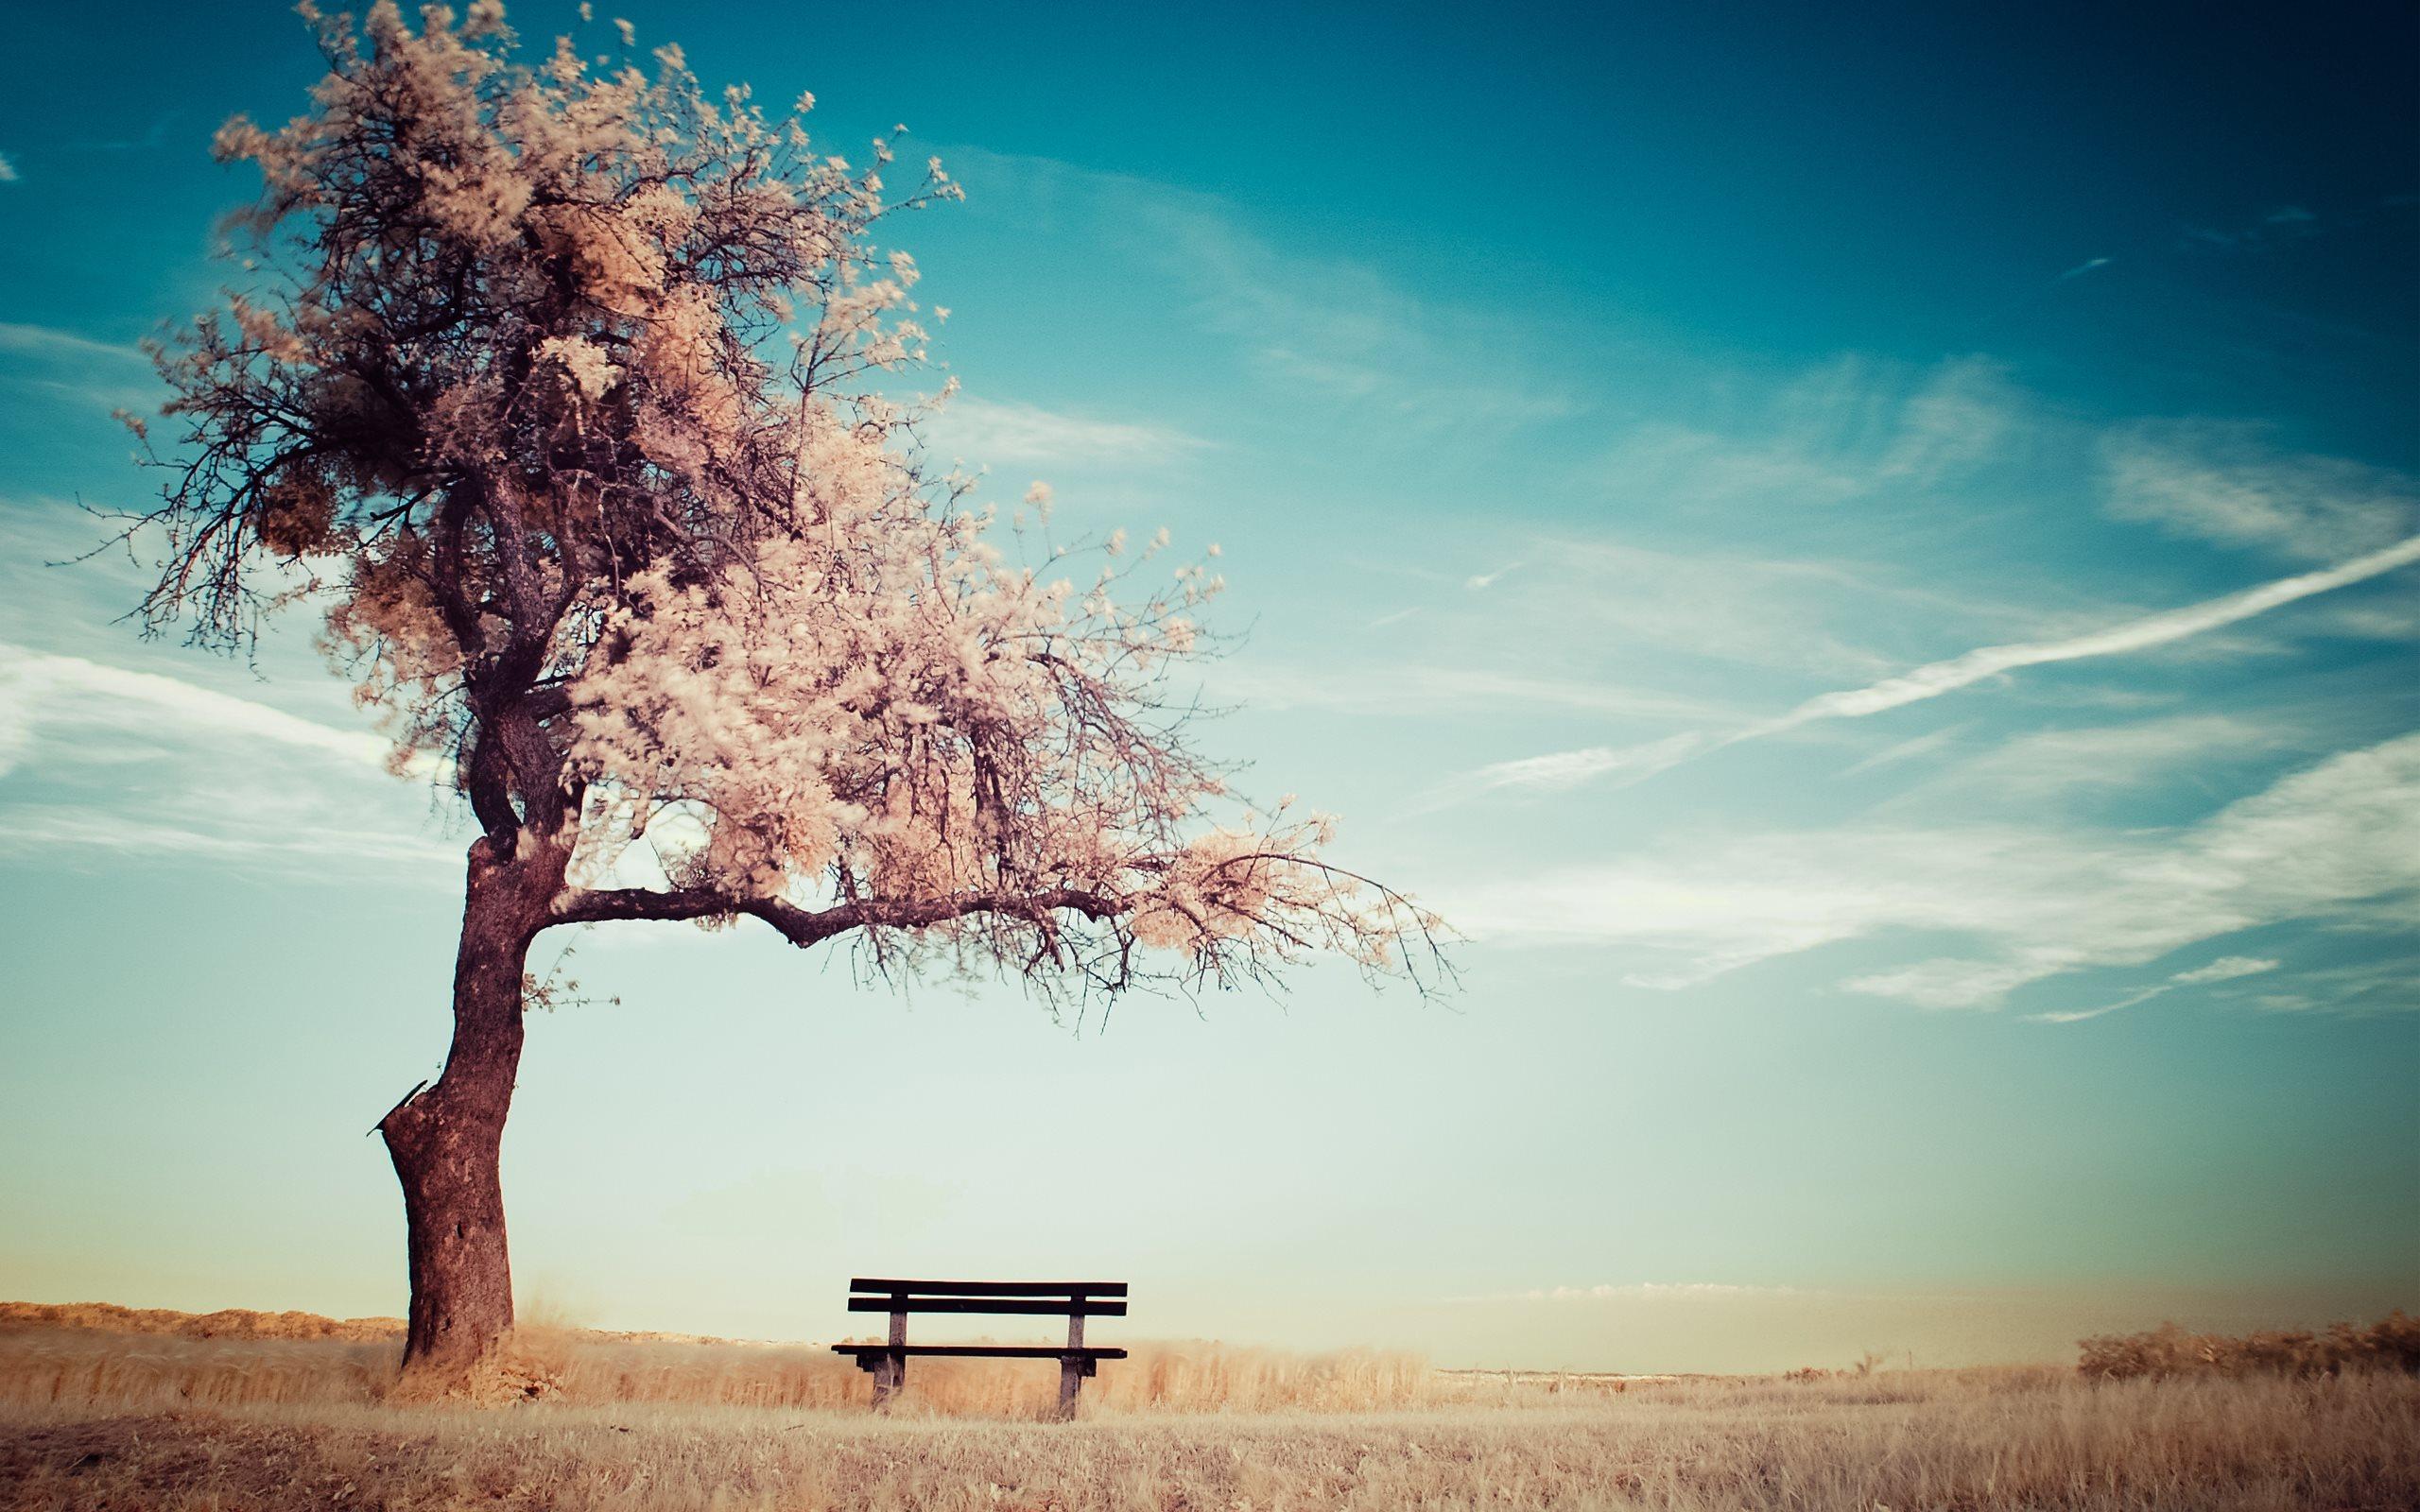 Hình nền cô đơn chỉ có một chiếc cây và băng ghế